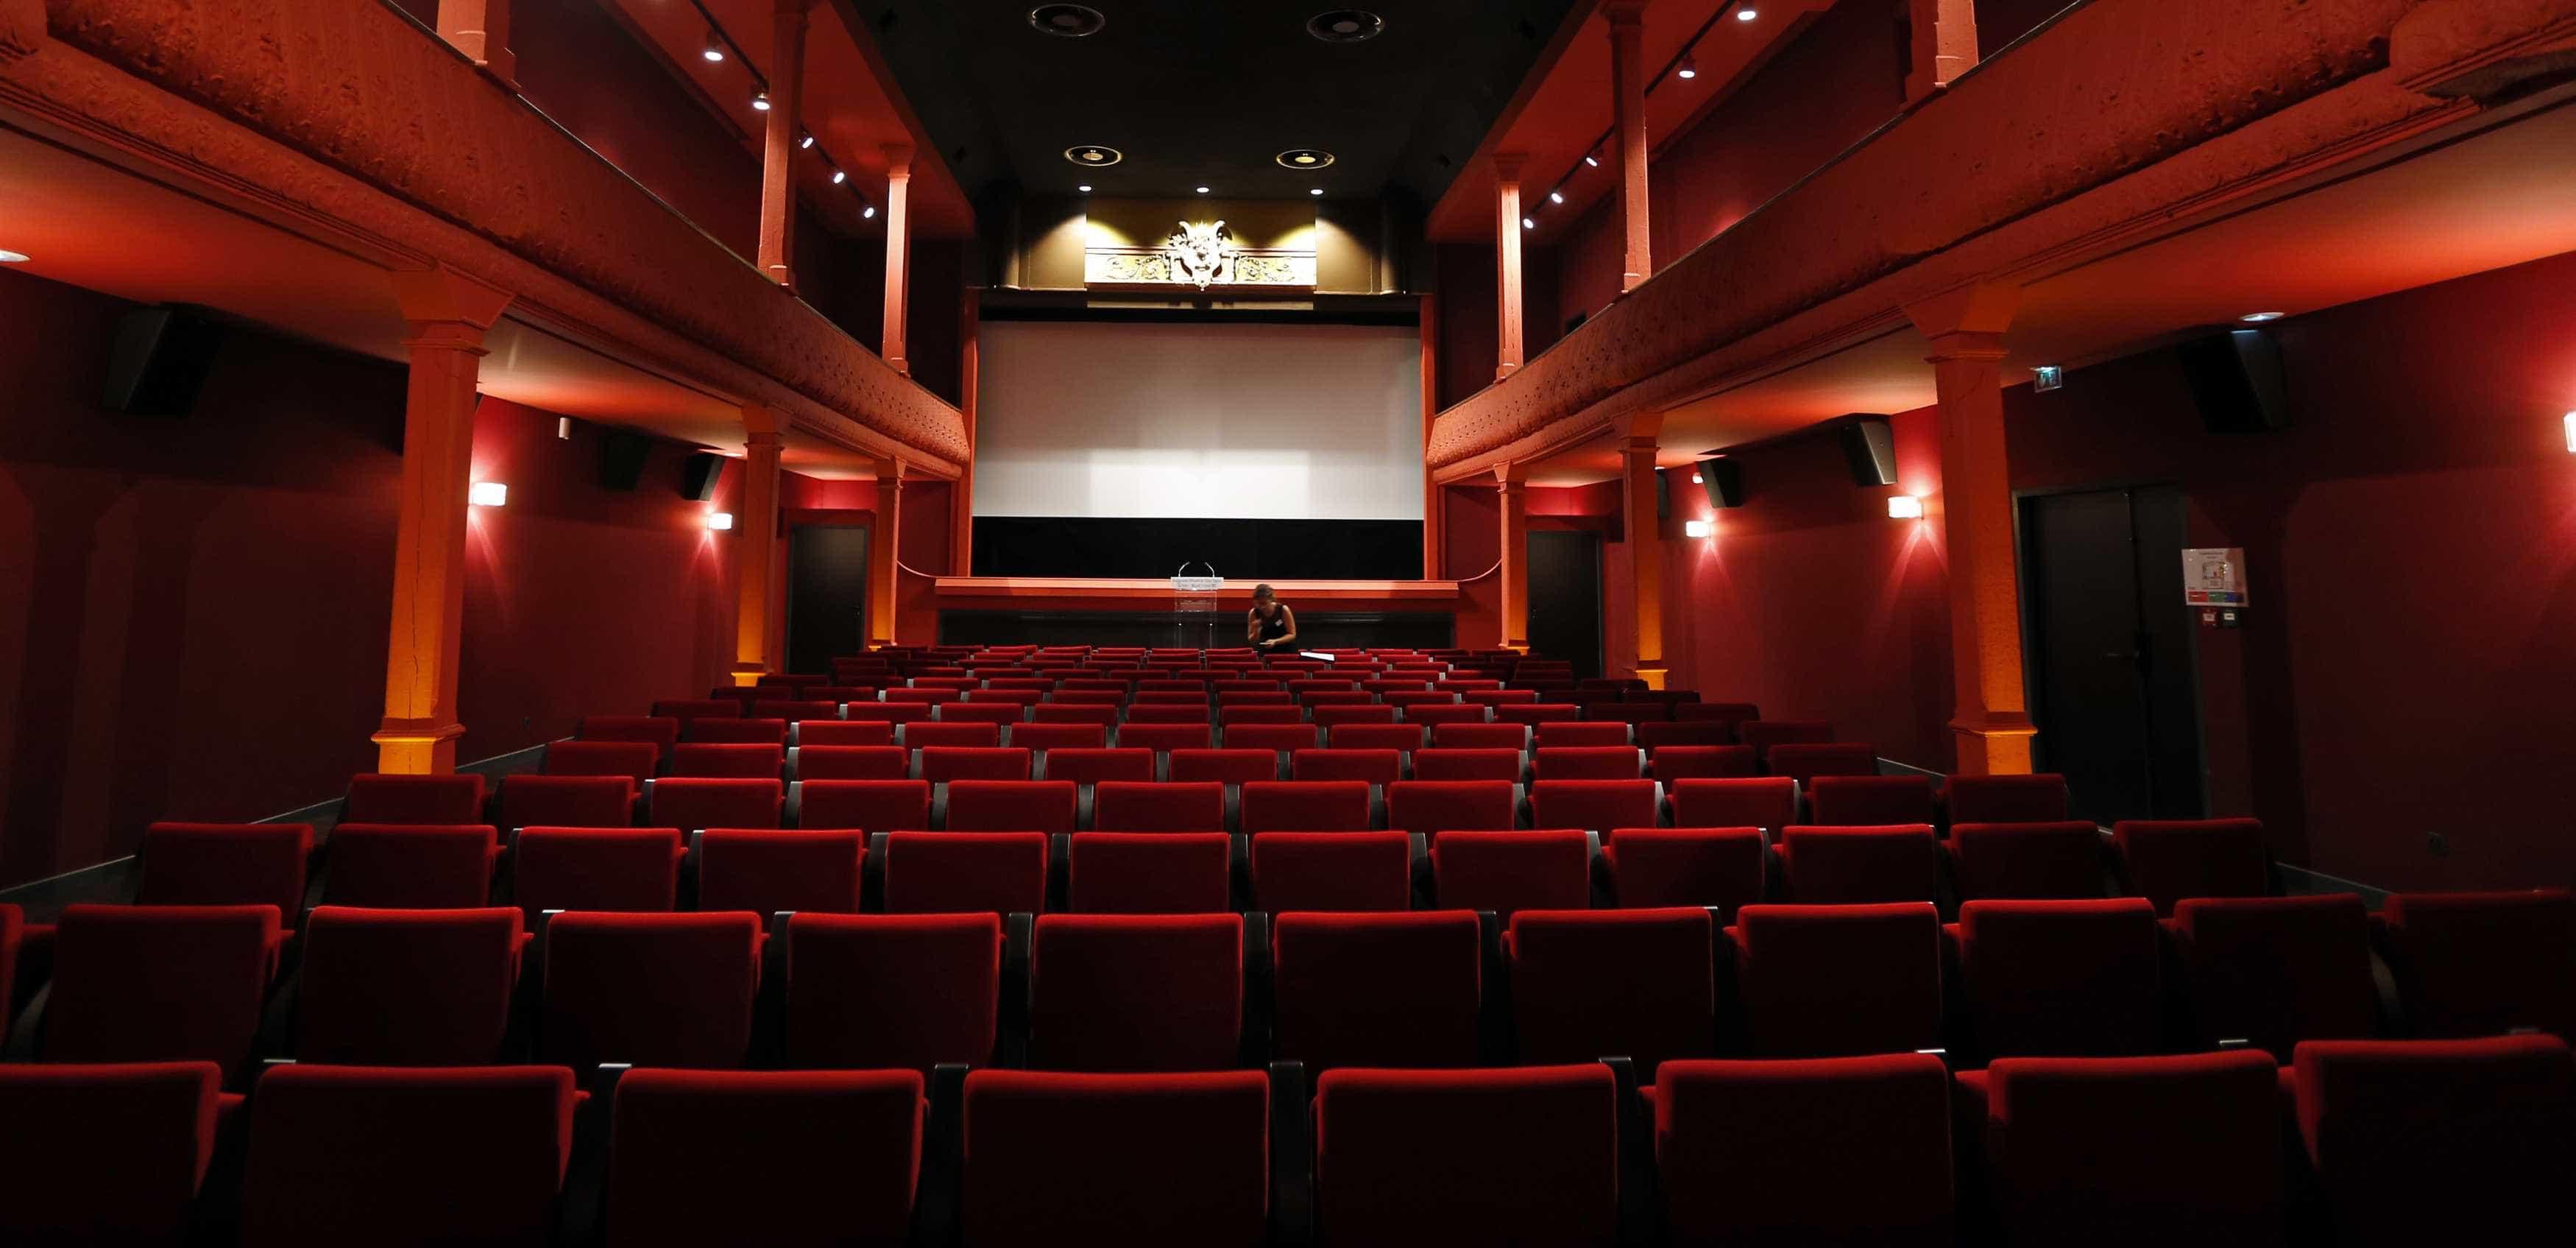 Cineteatro António Lamoso abre portas a 11 de janeiro